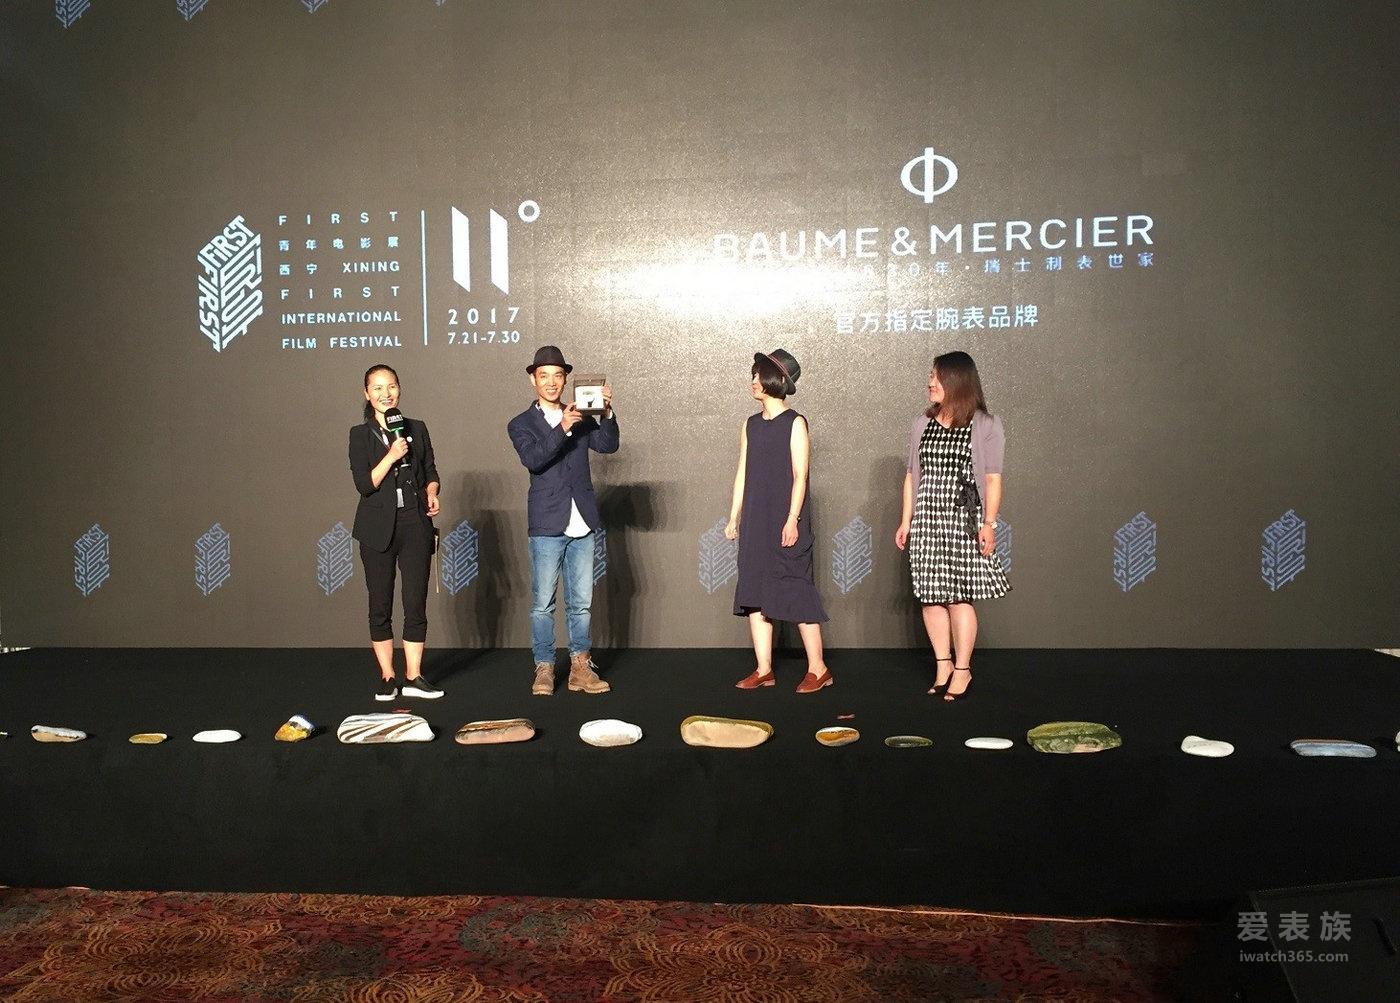 当代名士陈坤助力青年电影事业 山下纪录片实验室资助纪录片展映